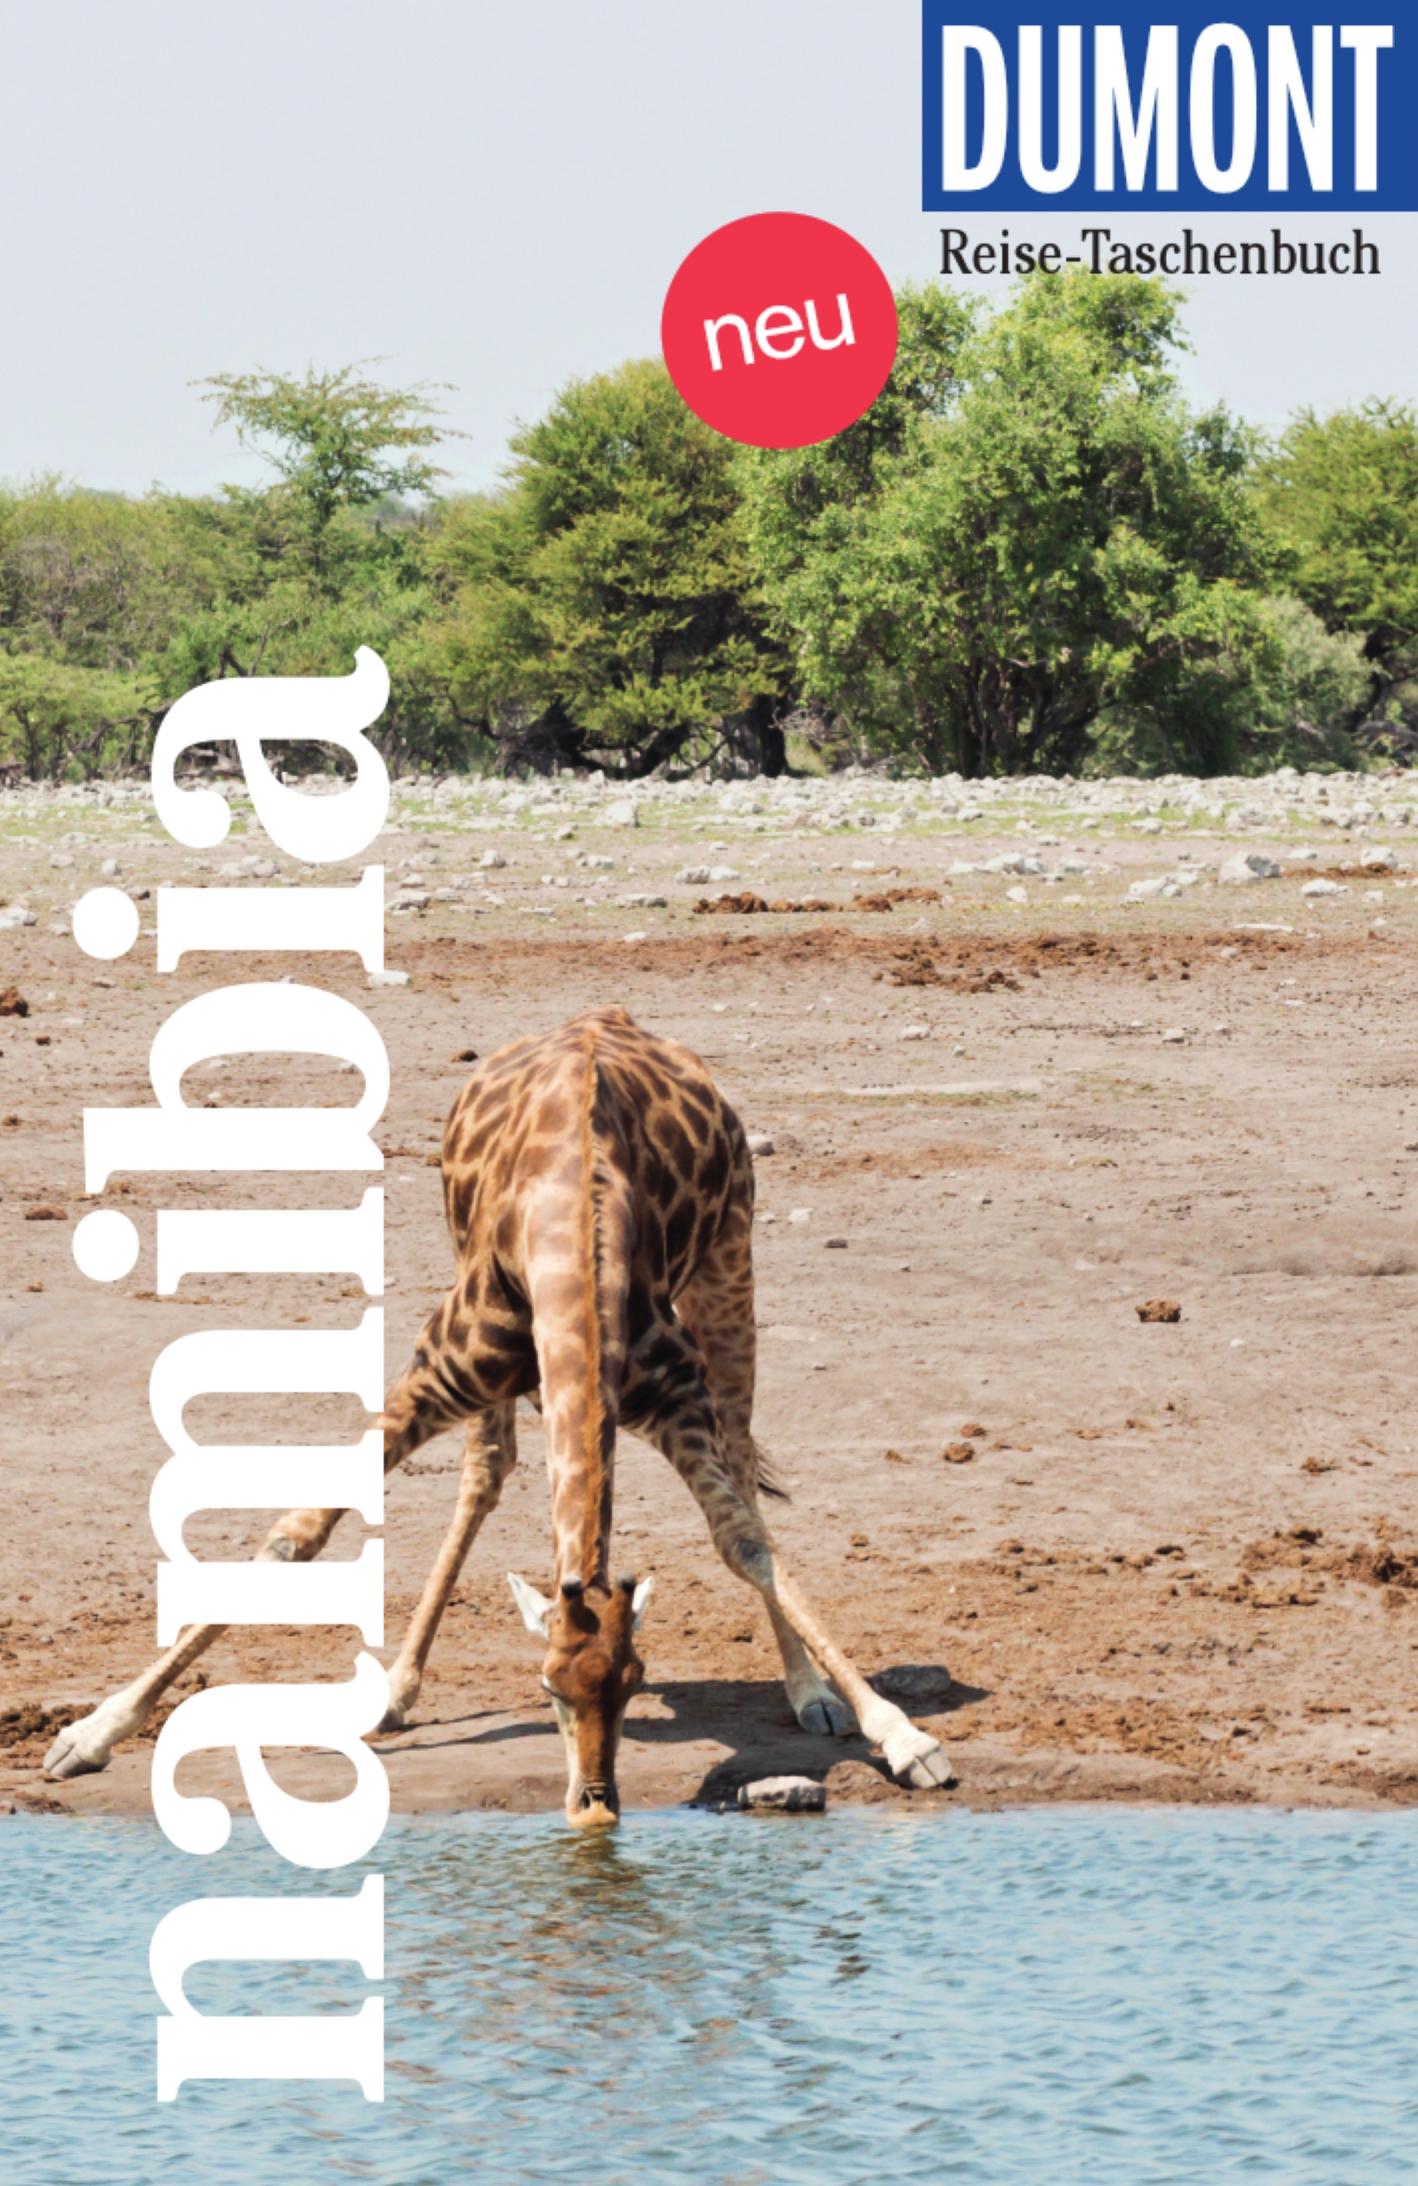 DuMont Reise-Taschenbuch – Namibia (Cover)